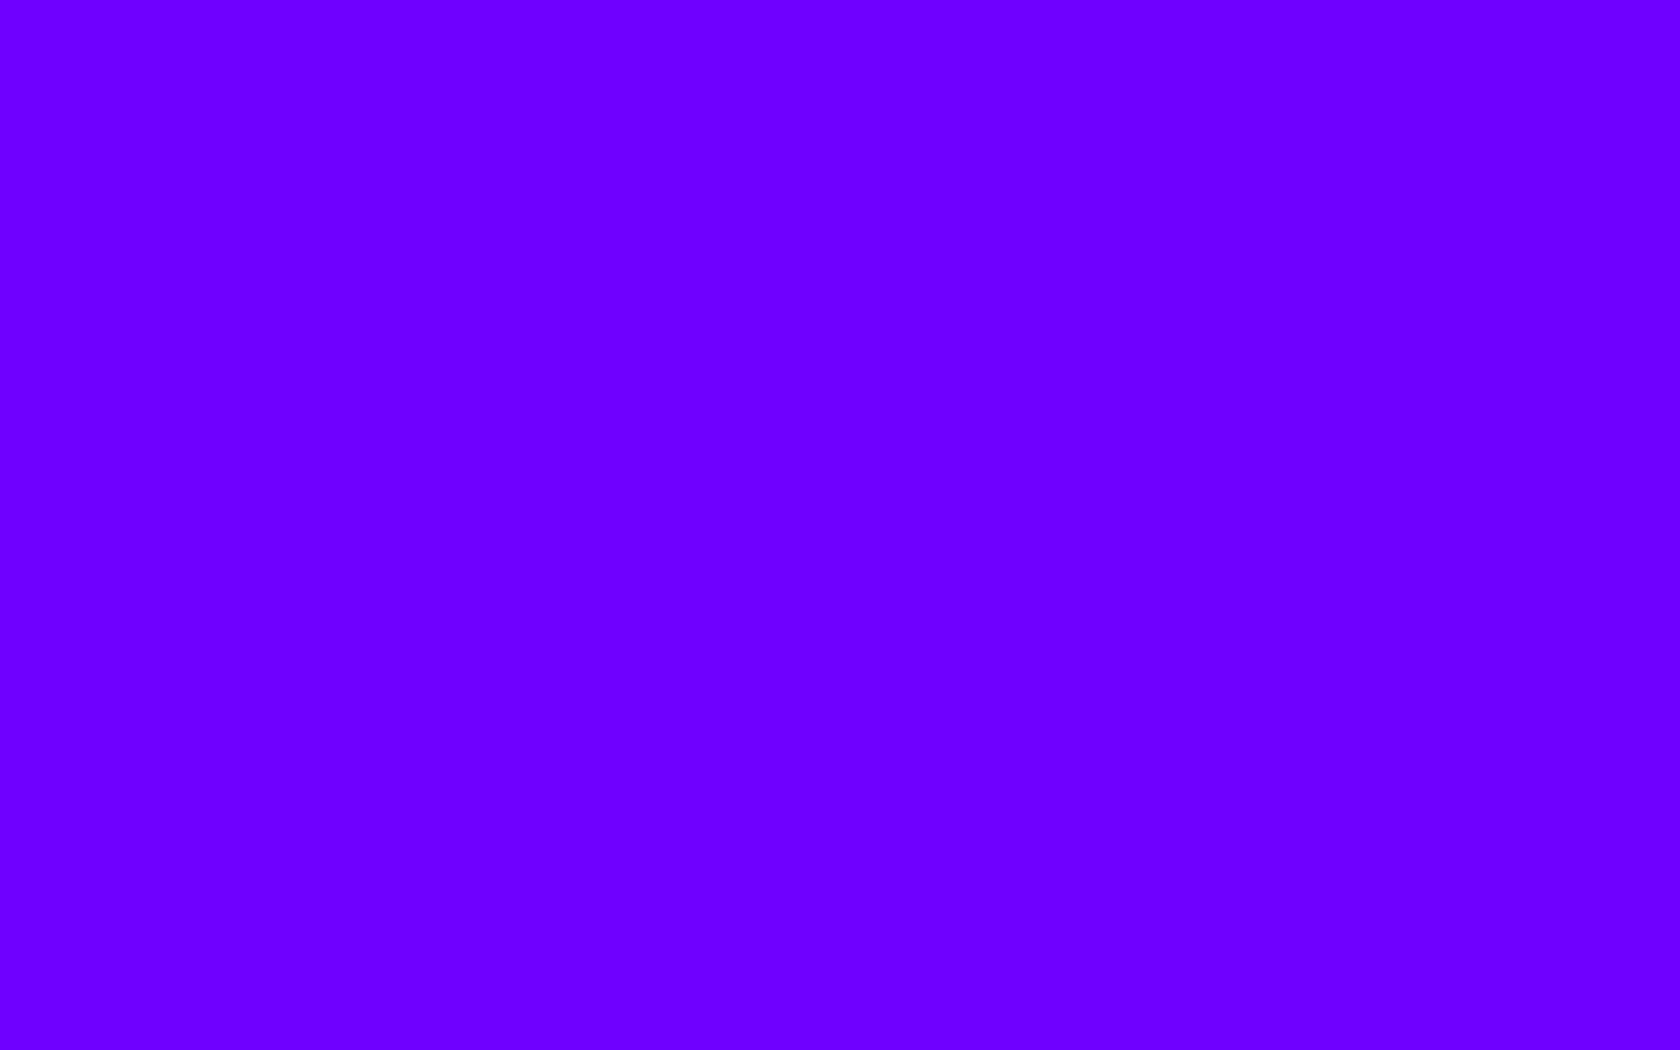 1680x1050 Indigo Solid Color Background